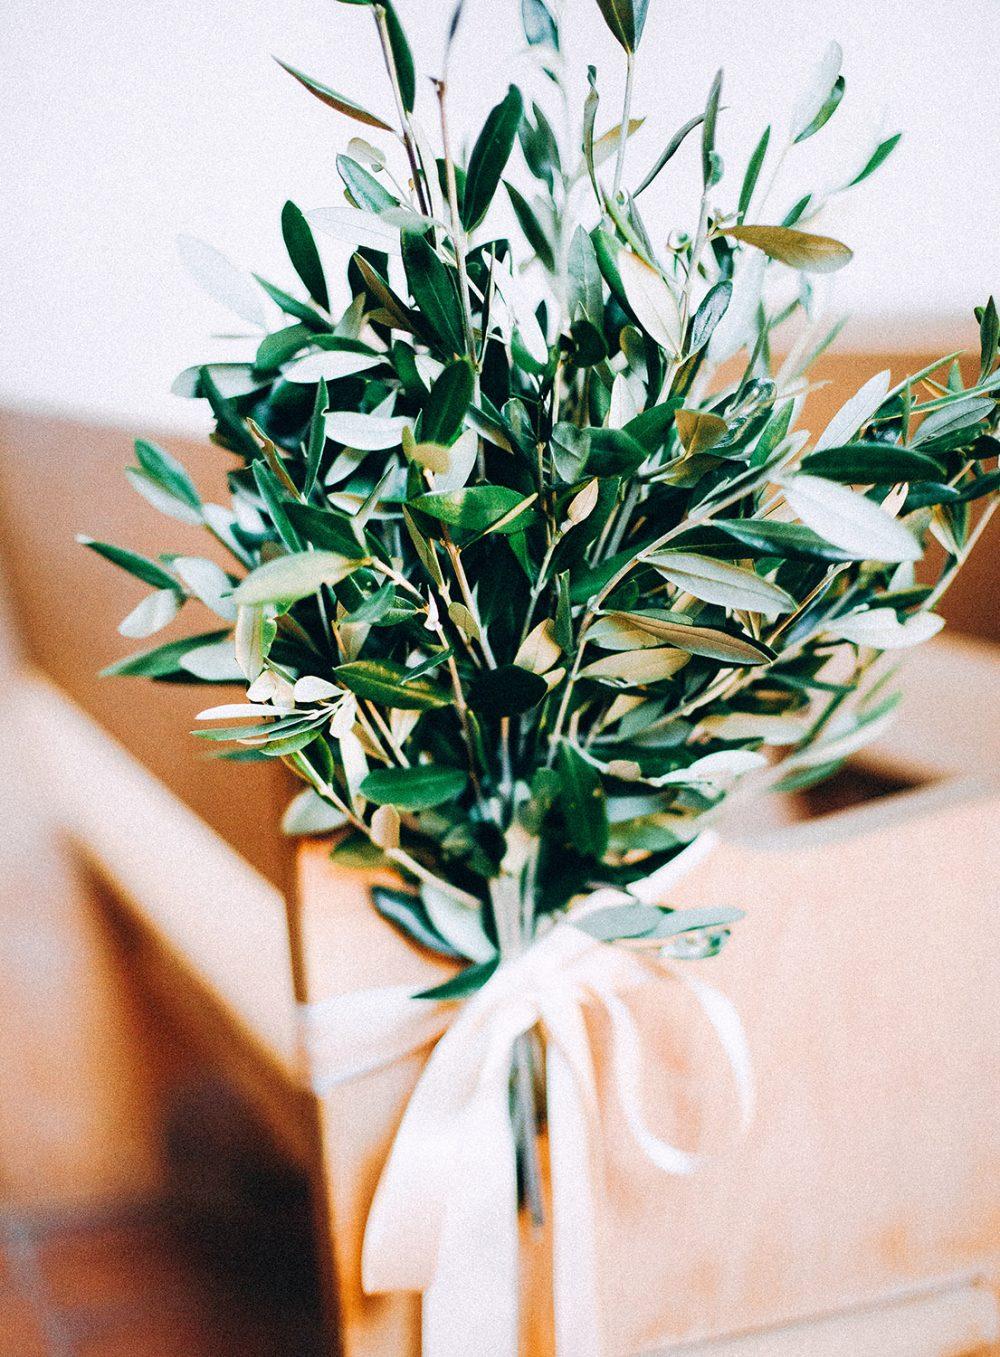 Olive Olivenzweige Hochzeit Bern Etsy Switzerland Hochzeitsdekoration Tabea Maria-Lisa